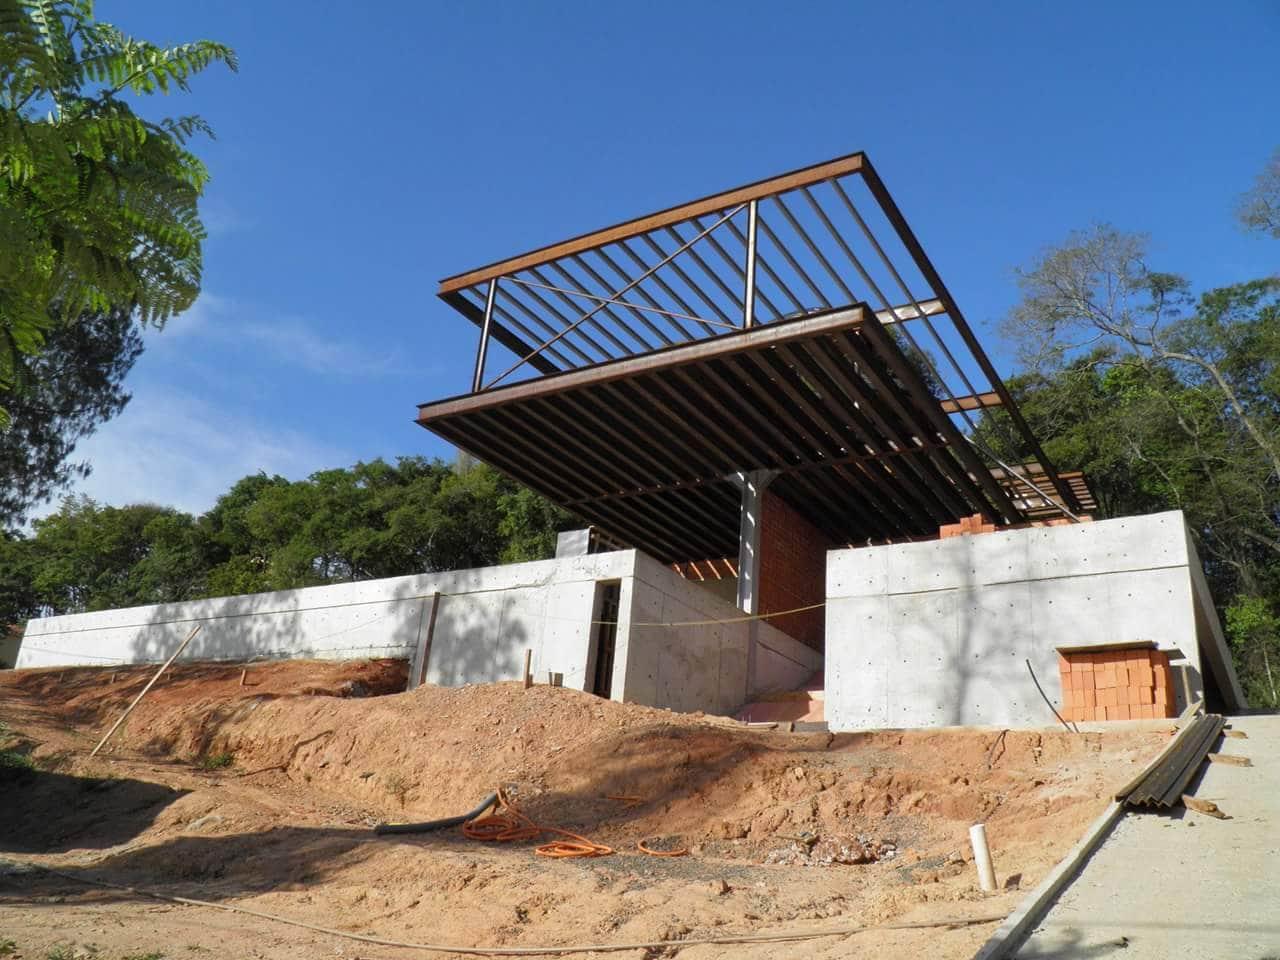 Thi công villa kết cấu thép tại Bãi Dâu - Vũng Tàu - Ảnh công trường 3